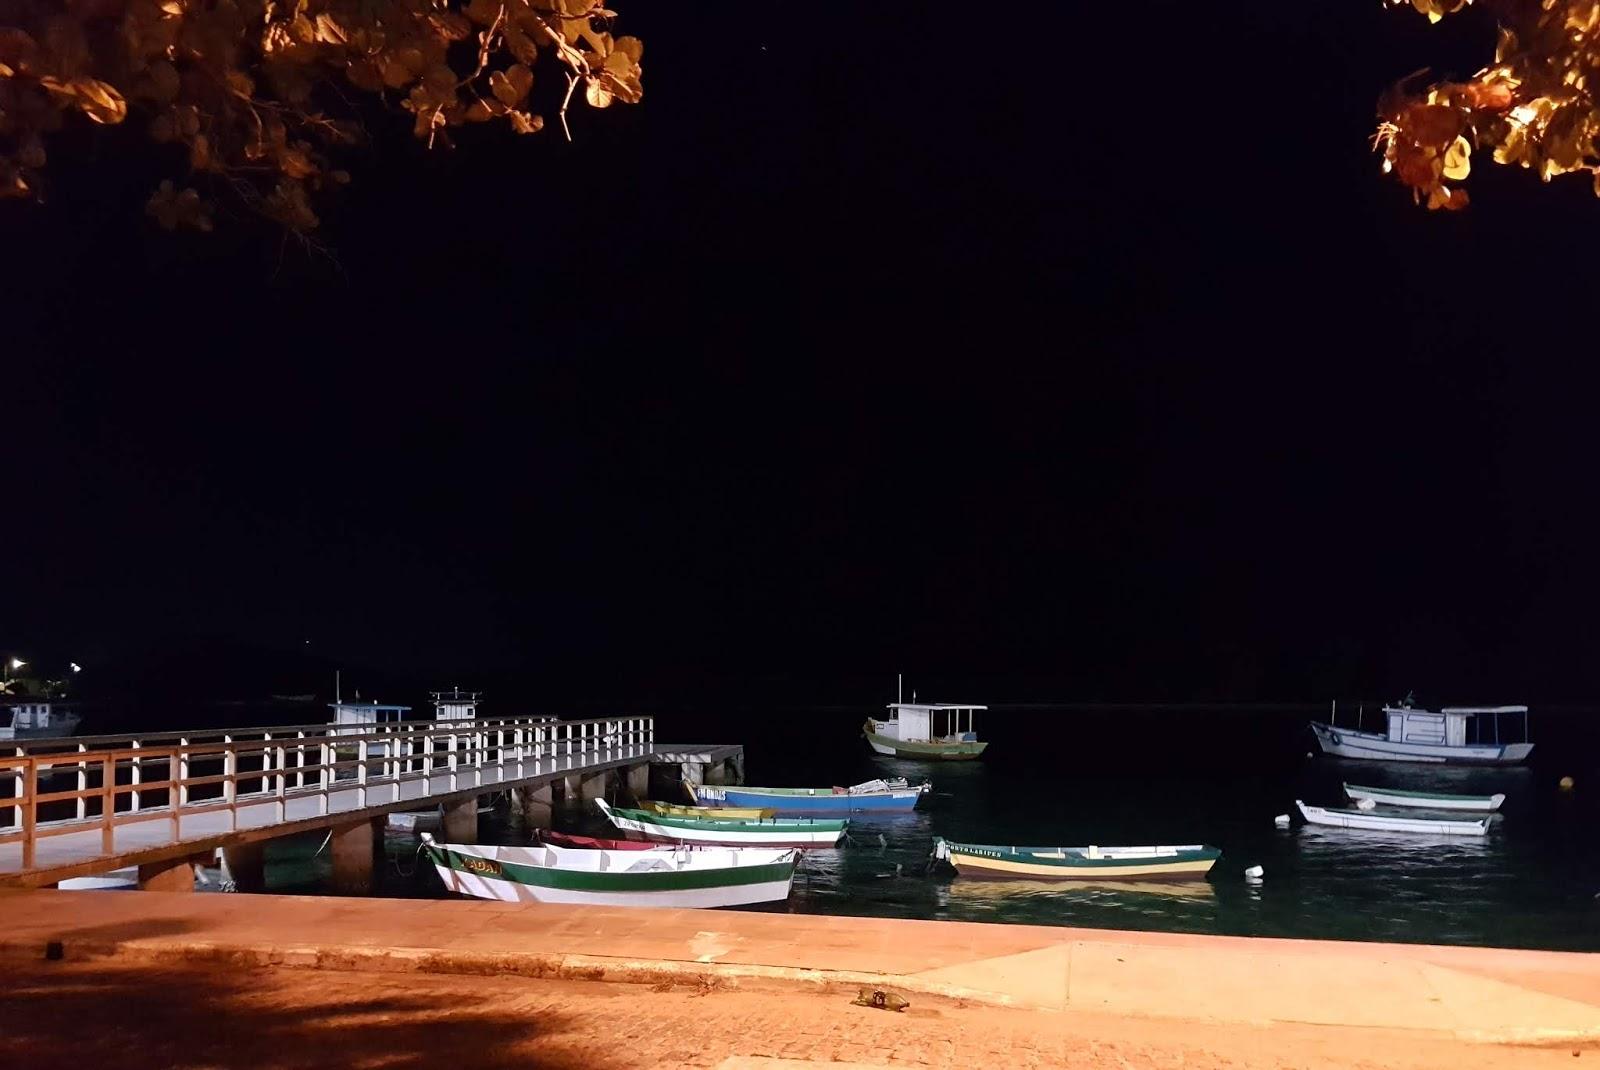 Noite no Bairro da Passagem,Cabo Frio,RJ.